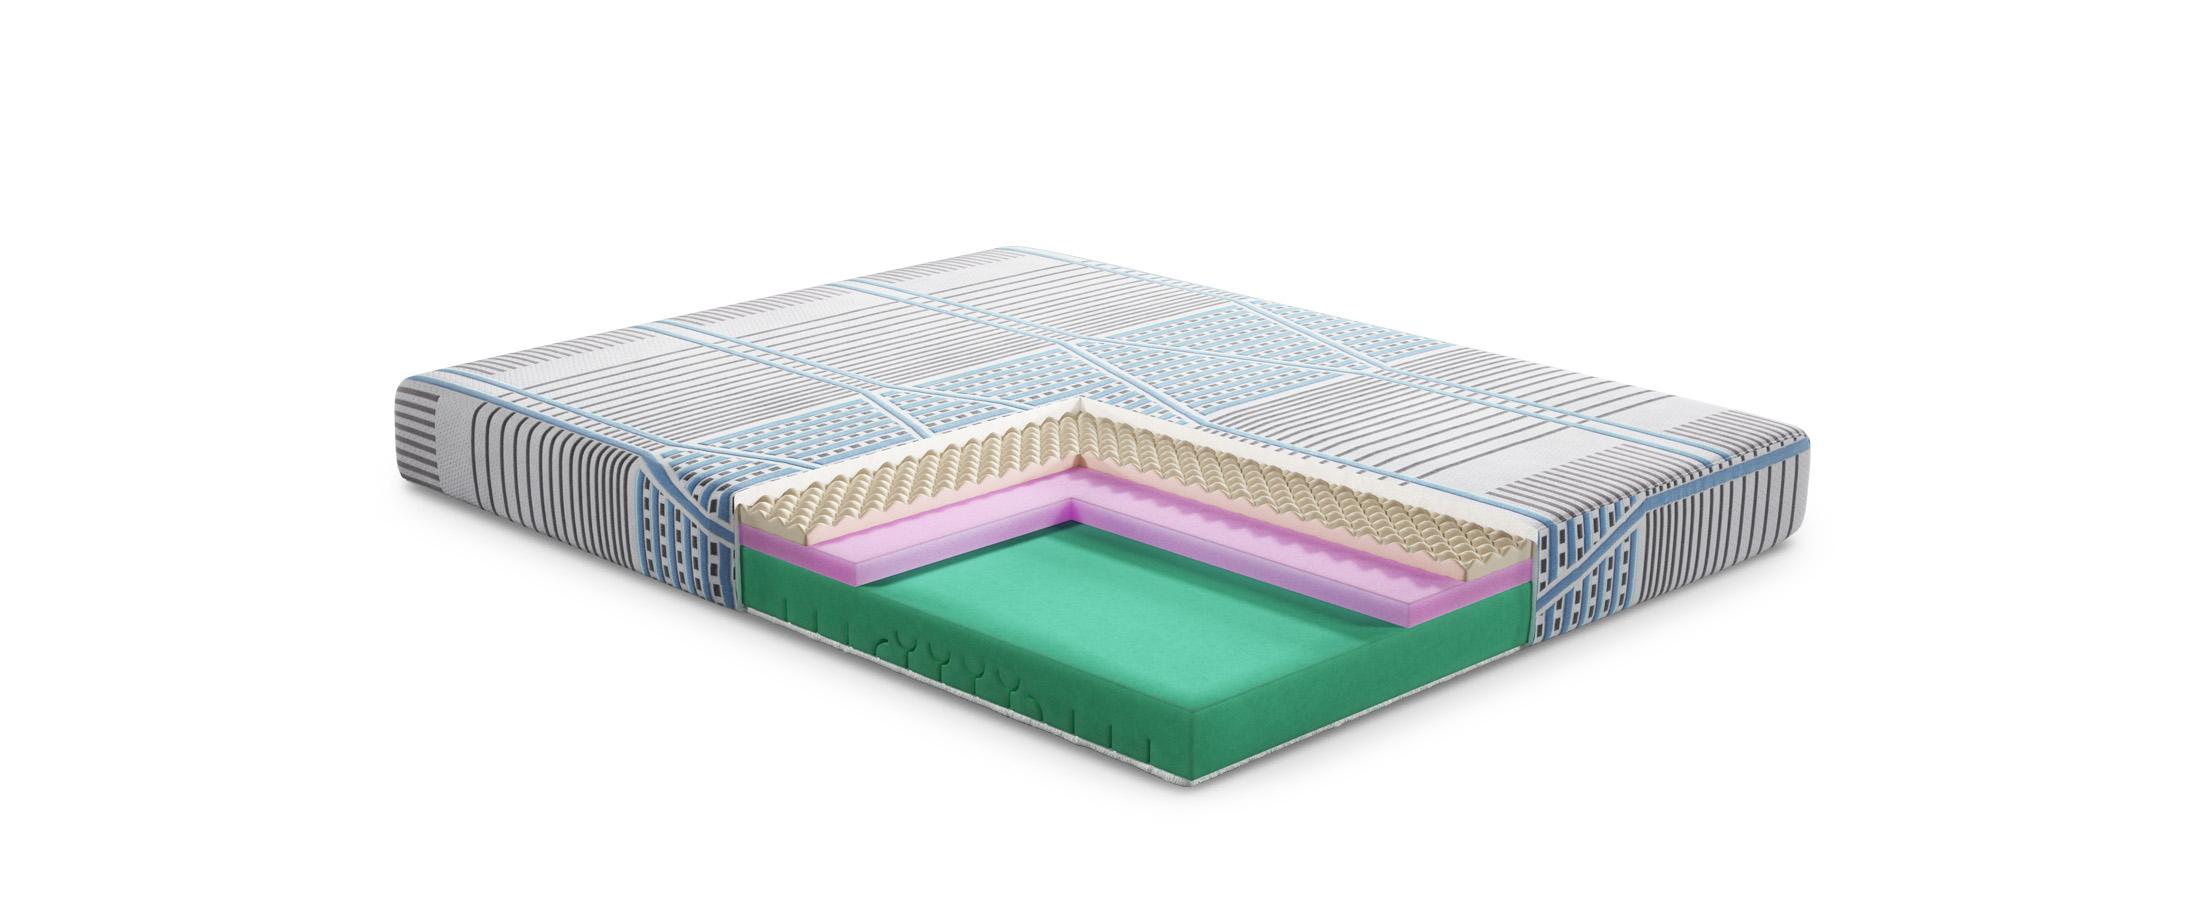 MOON 619 Ozone матрас 140х200Односторонний беспружинный матрас Ozone, изготовленный из 3-х разных видов пены прекрасно подходит для трансформирующихся кроватных оснований